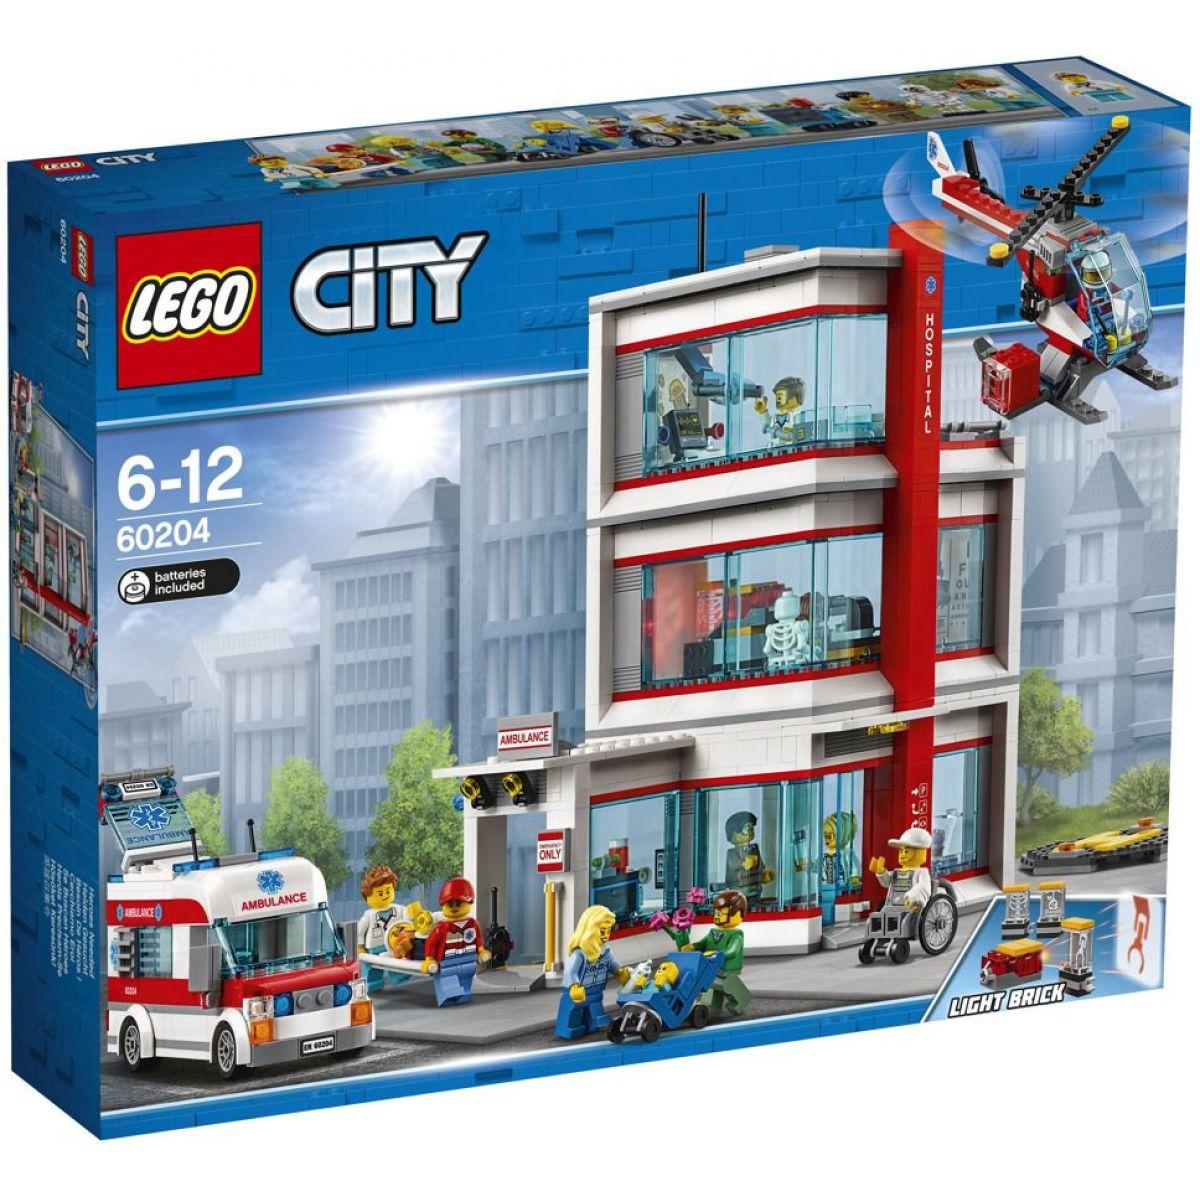 LEGO City 60204 Nemocnica - Poškodený obal